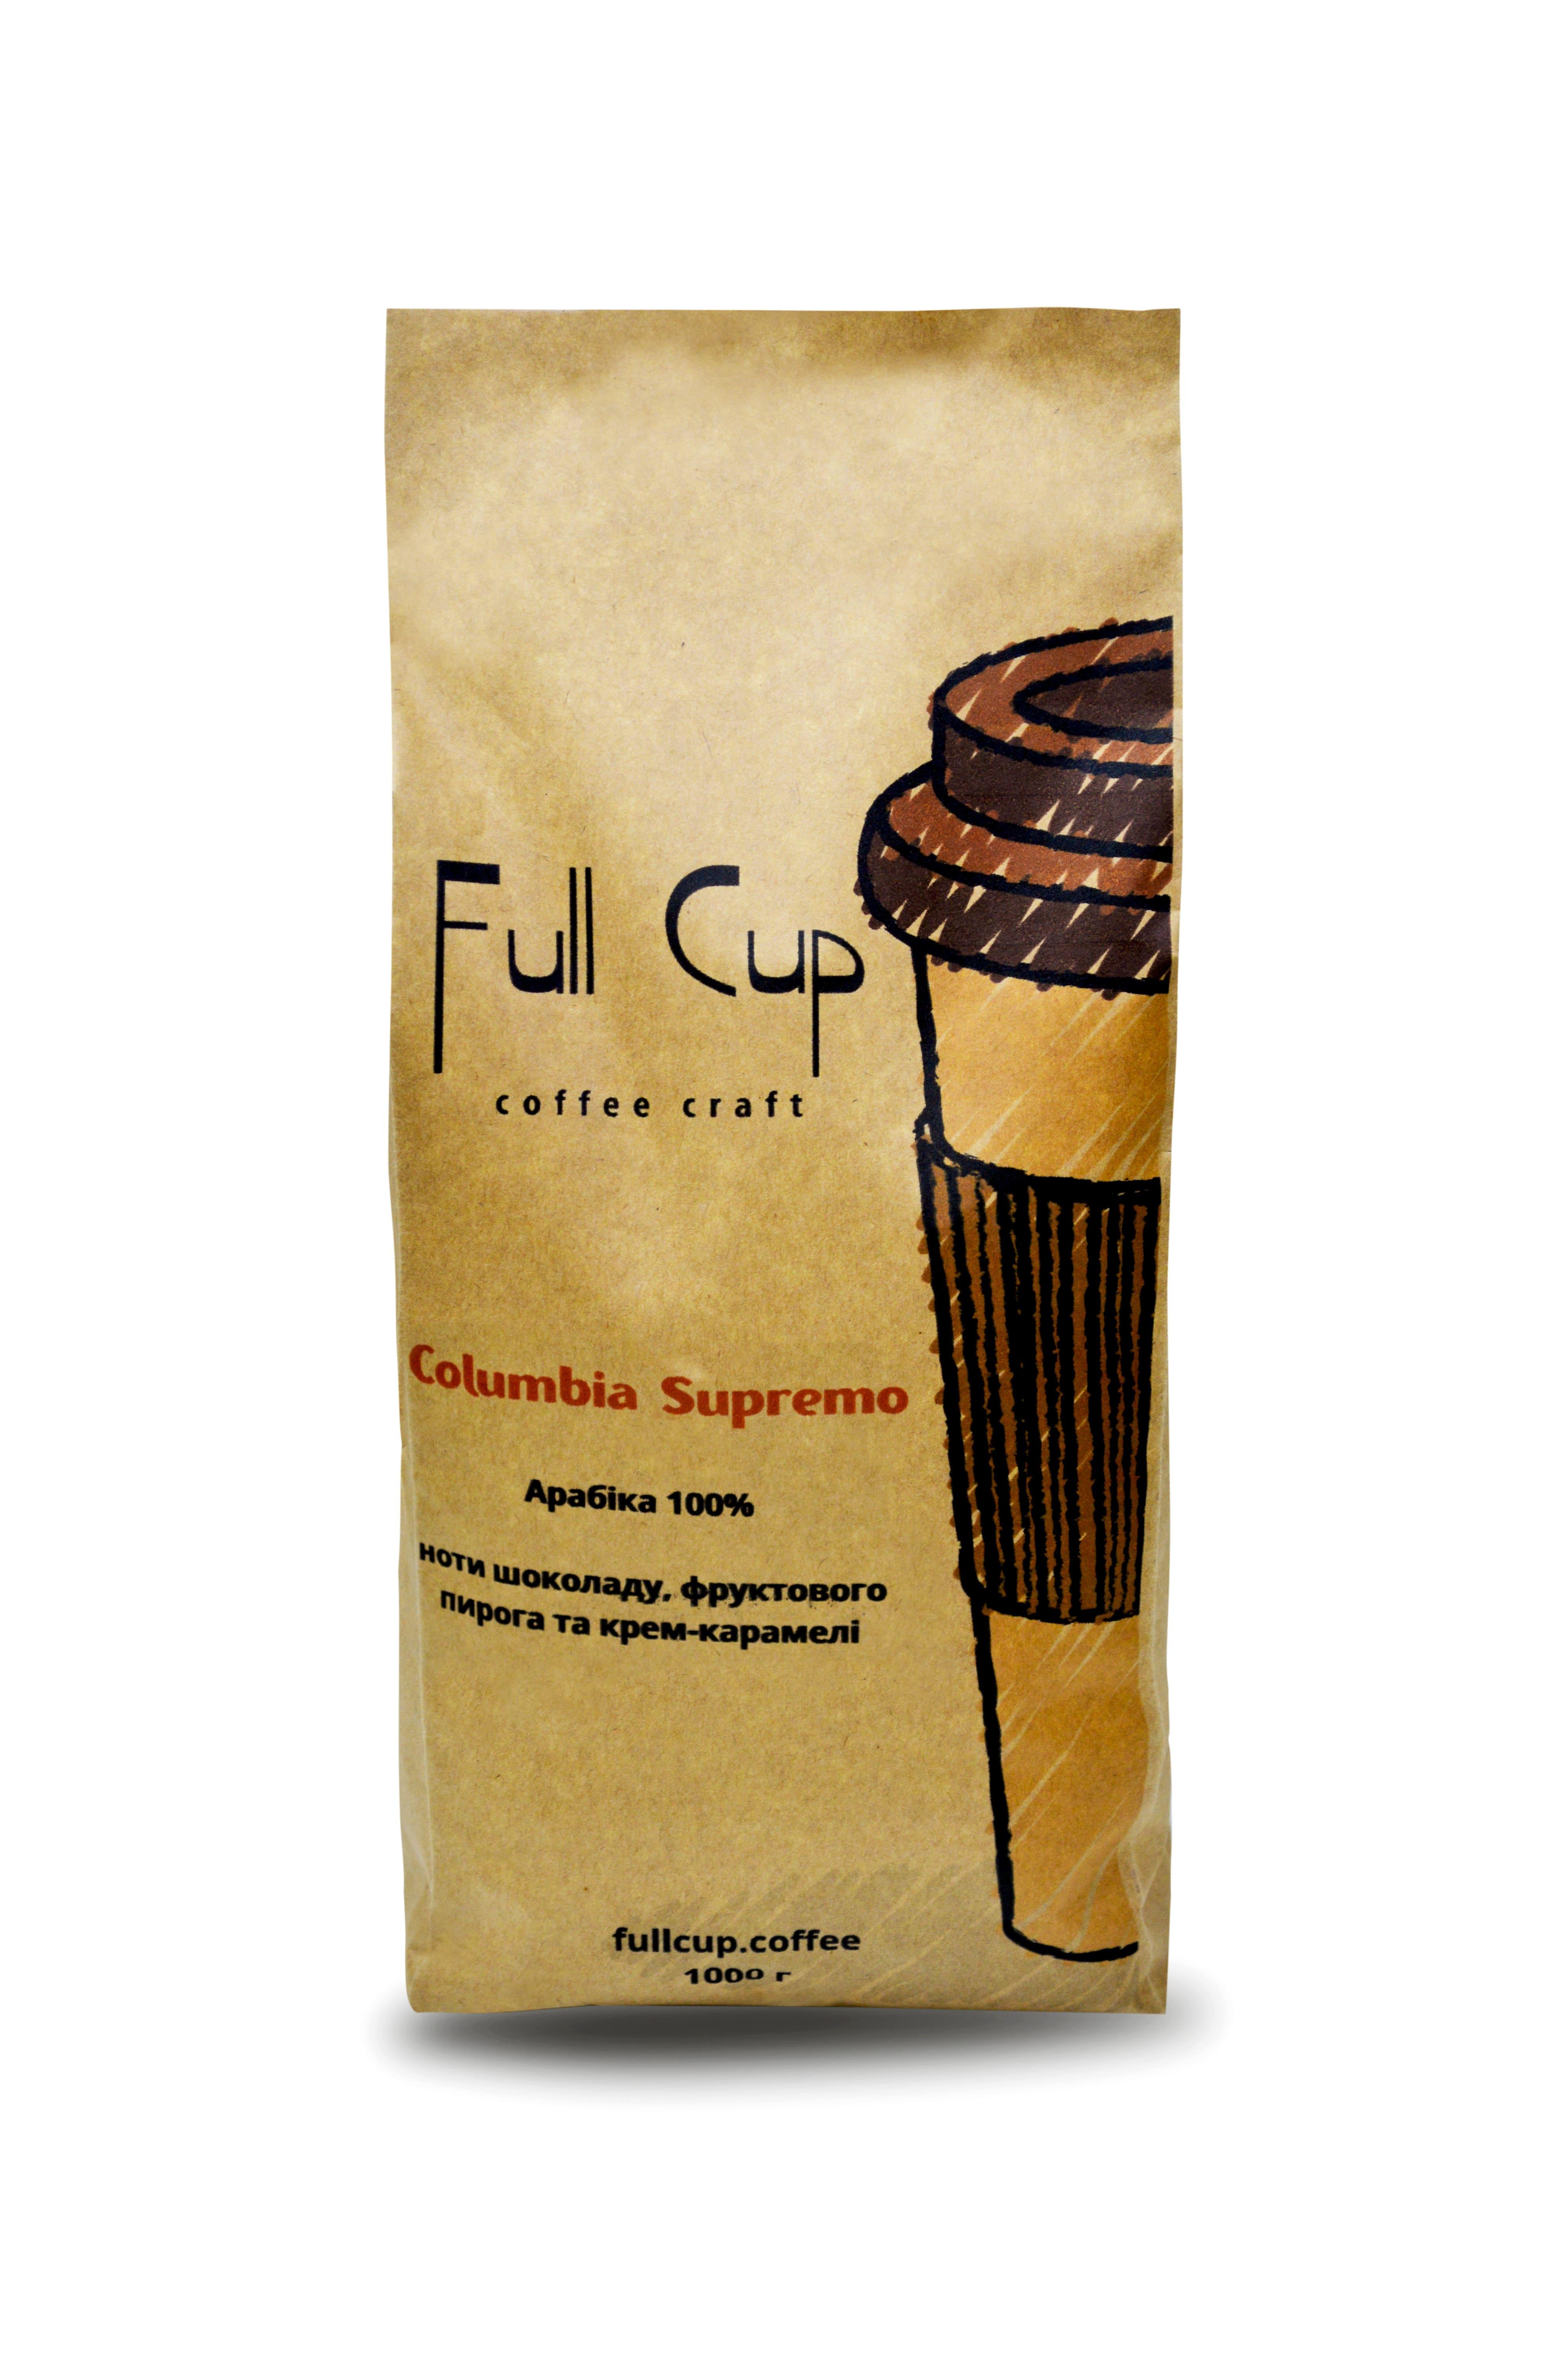 Арабика Columbia Supremo это мягкий, насыщенный, сладкий кофе с нотками молочного ...